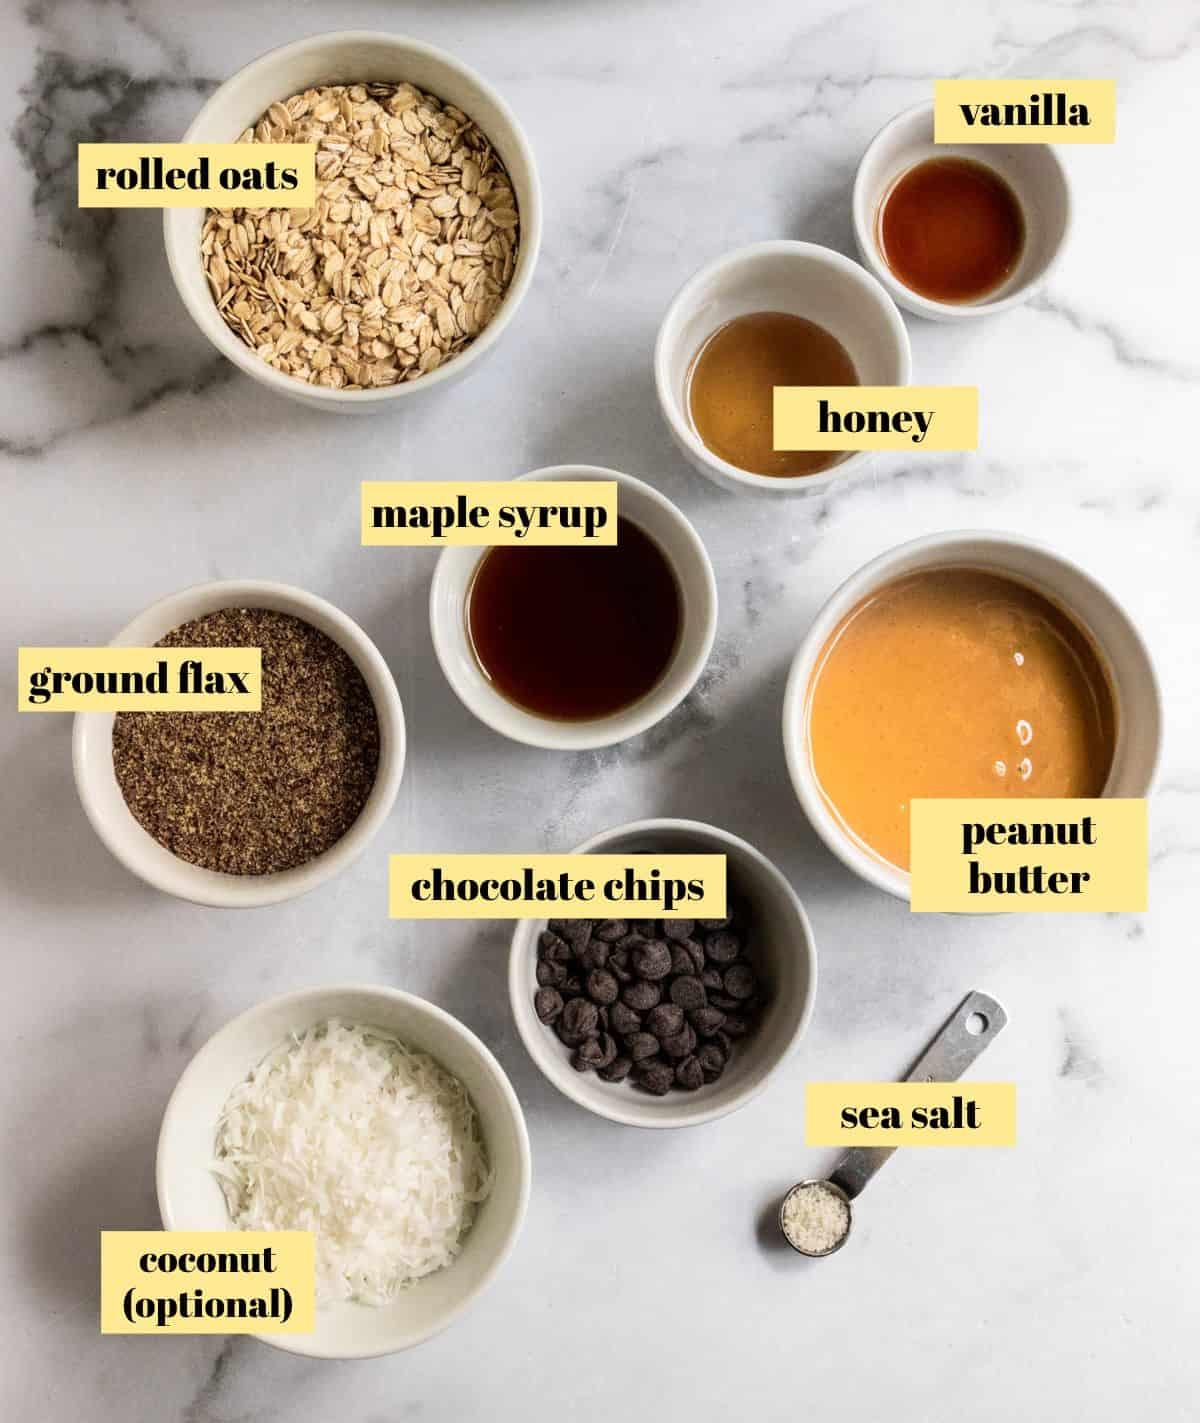 Ingredients to make recipe.